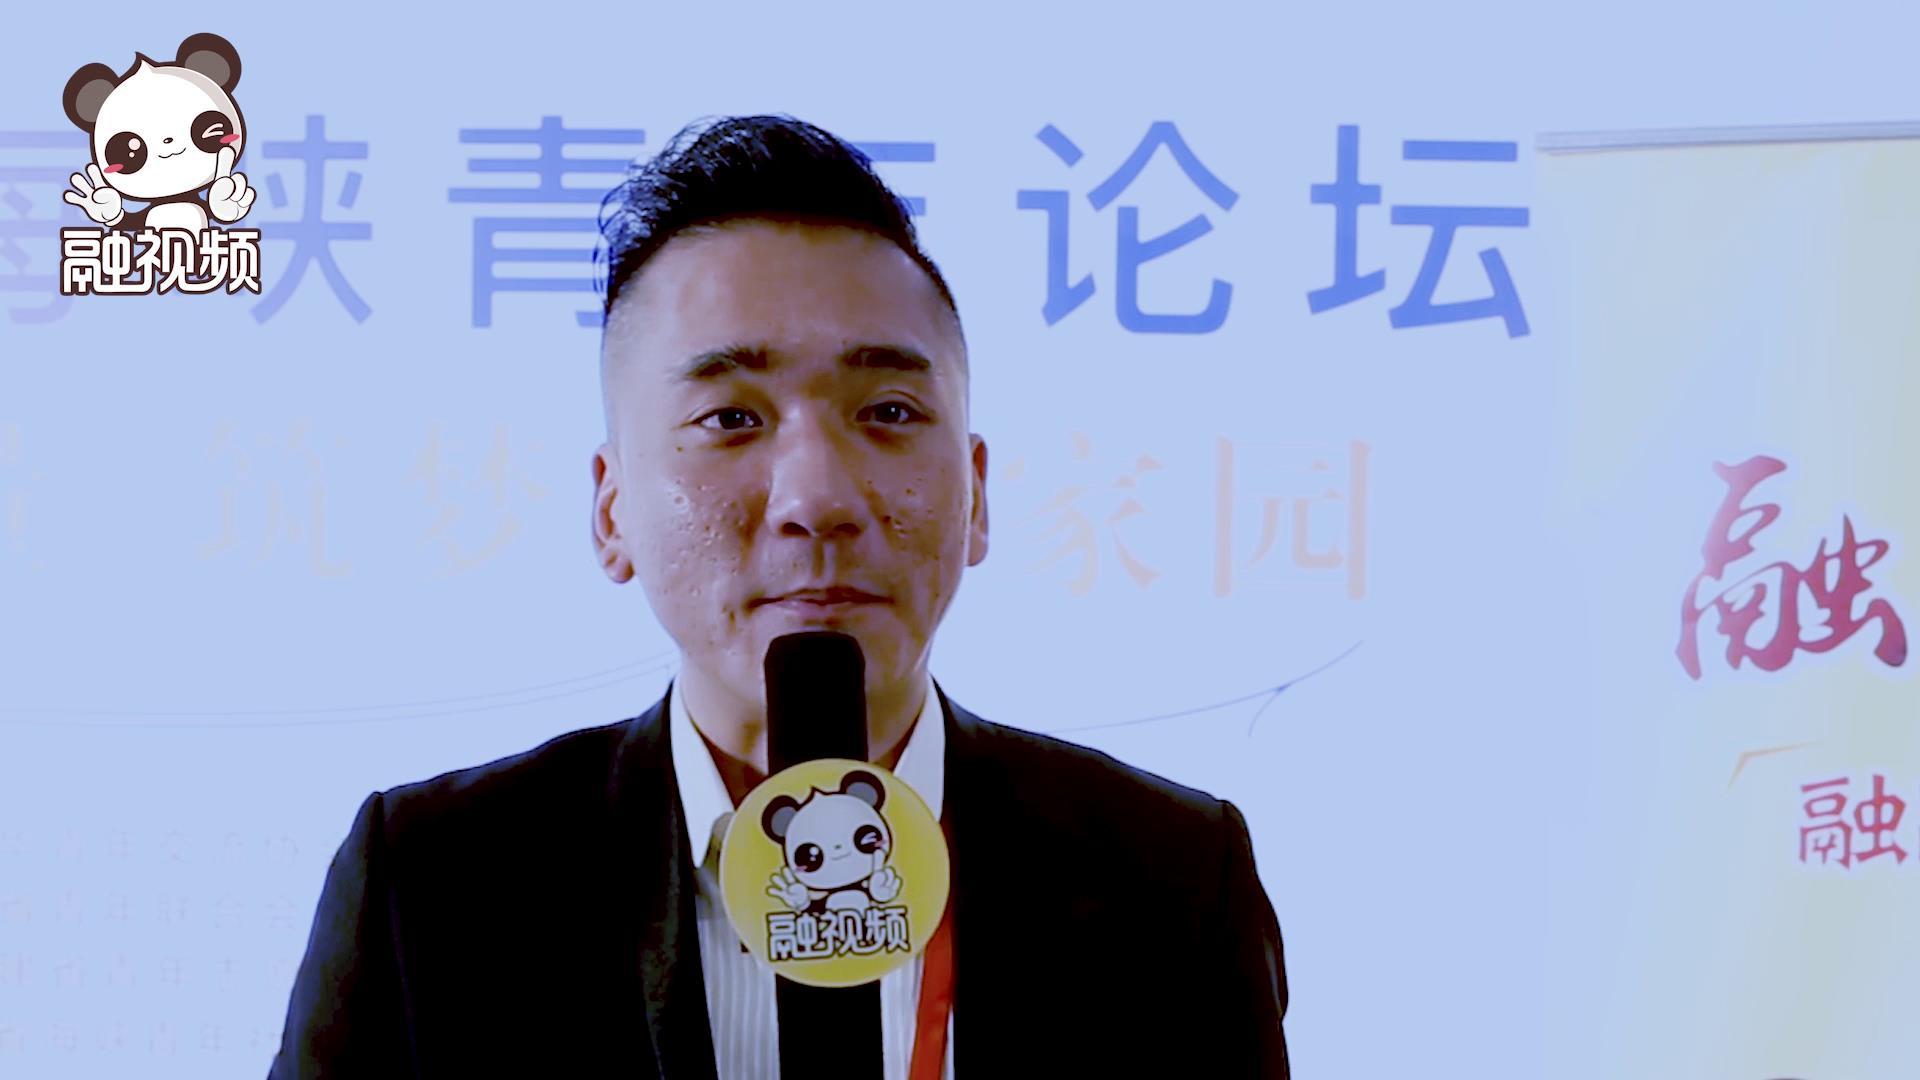 北京七爺清湯腩創始人蘇奕嘉,因為在大陸創業失敗后睡過沙發,被朋友笑稱是創業屆……